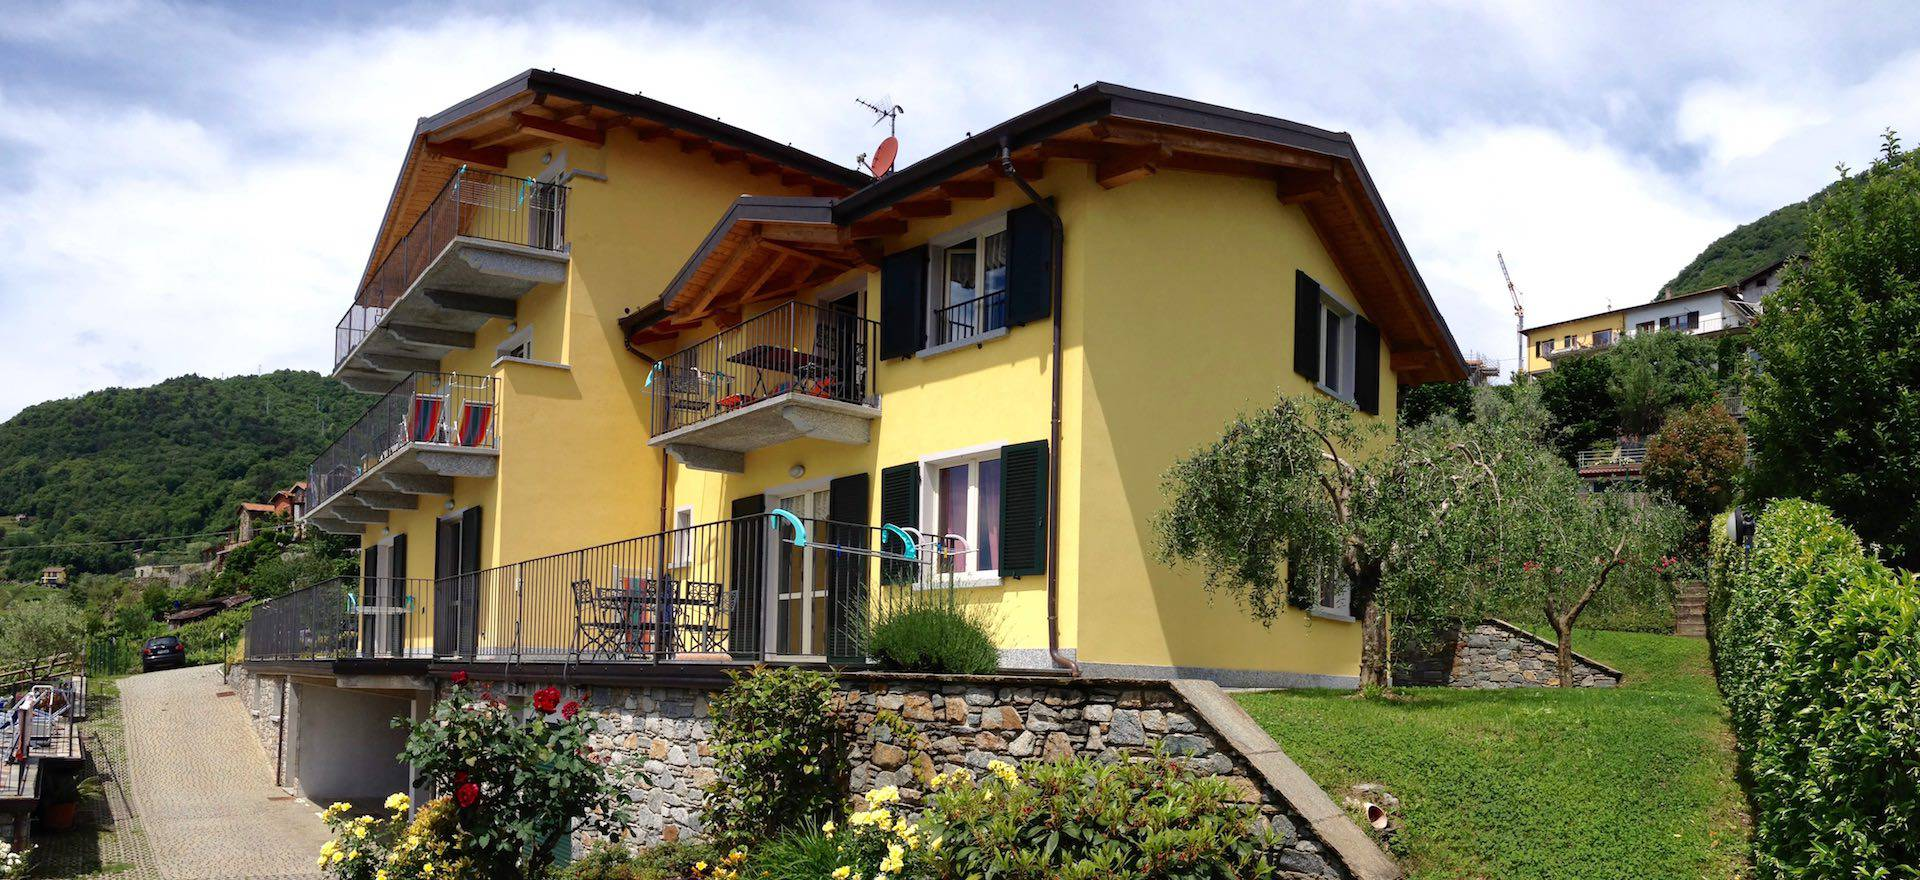 Agriturismo Comomeer en Gardameer Residence Comomeer, ideaal voor gezinnen